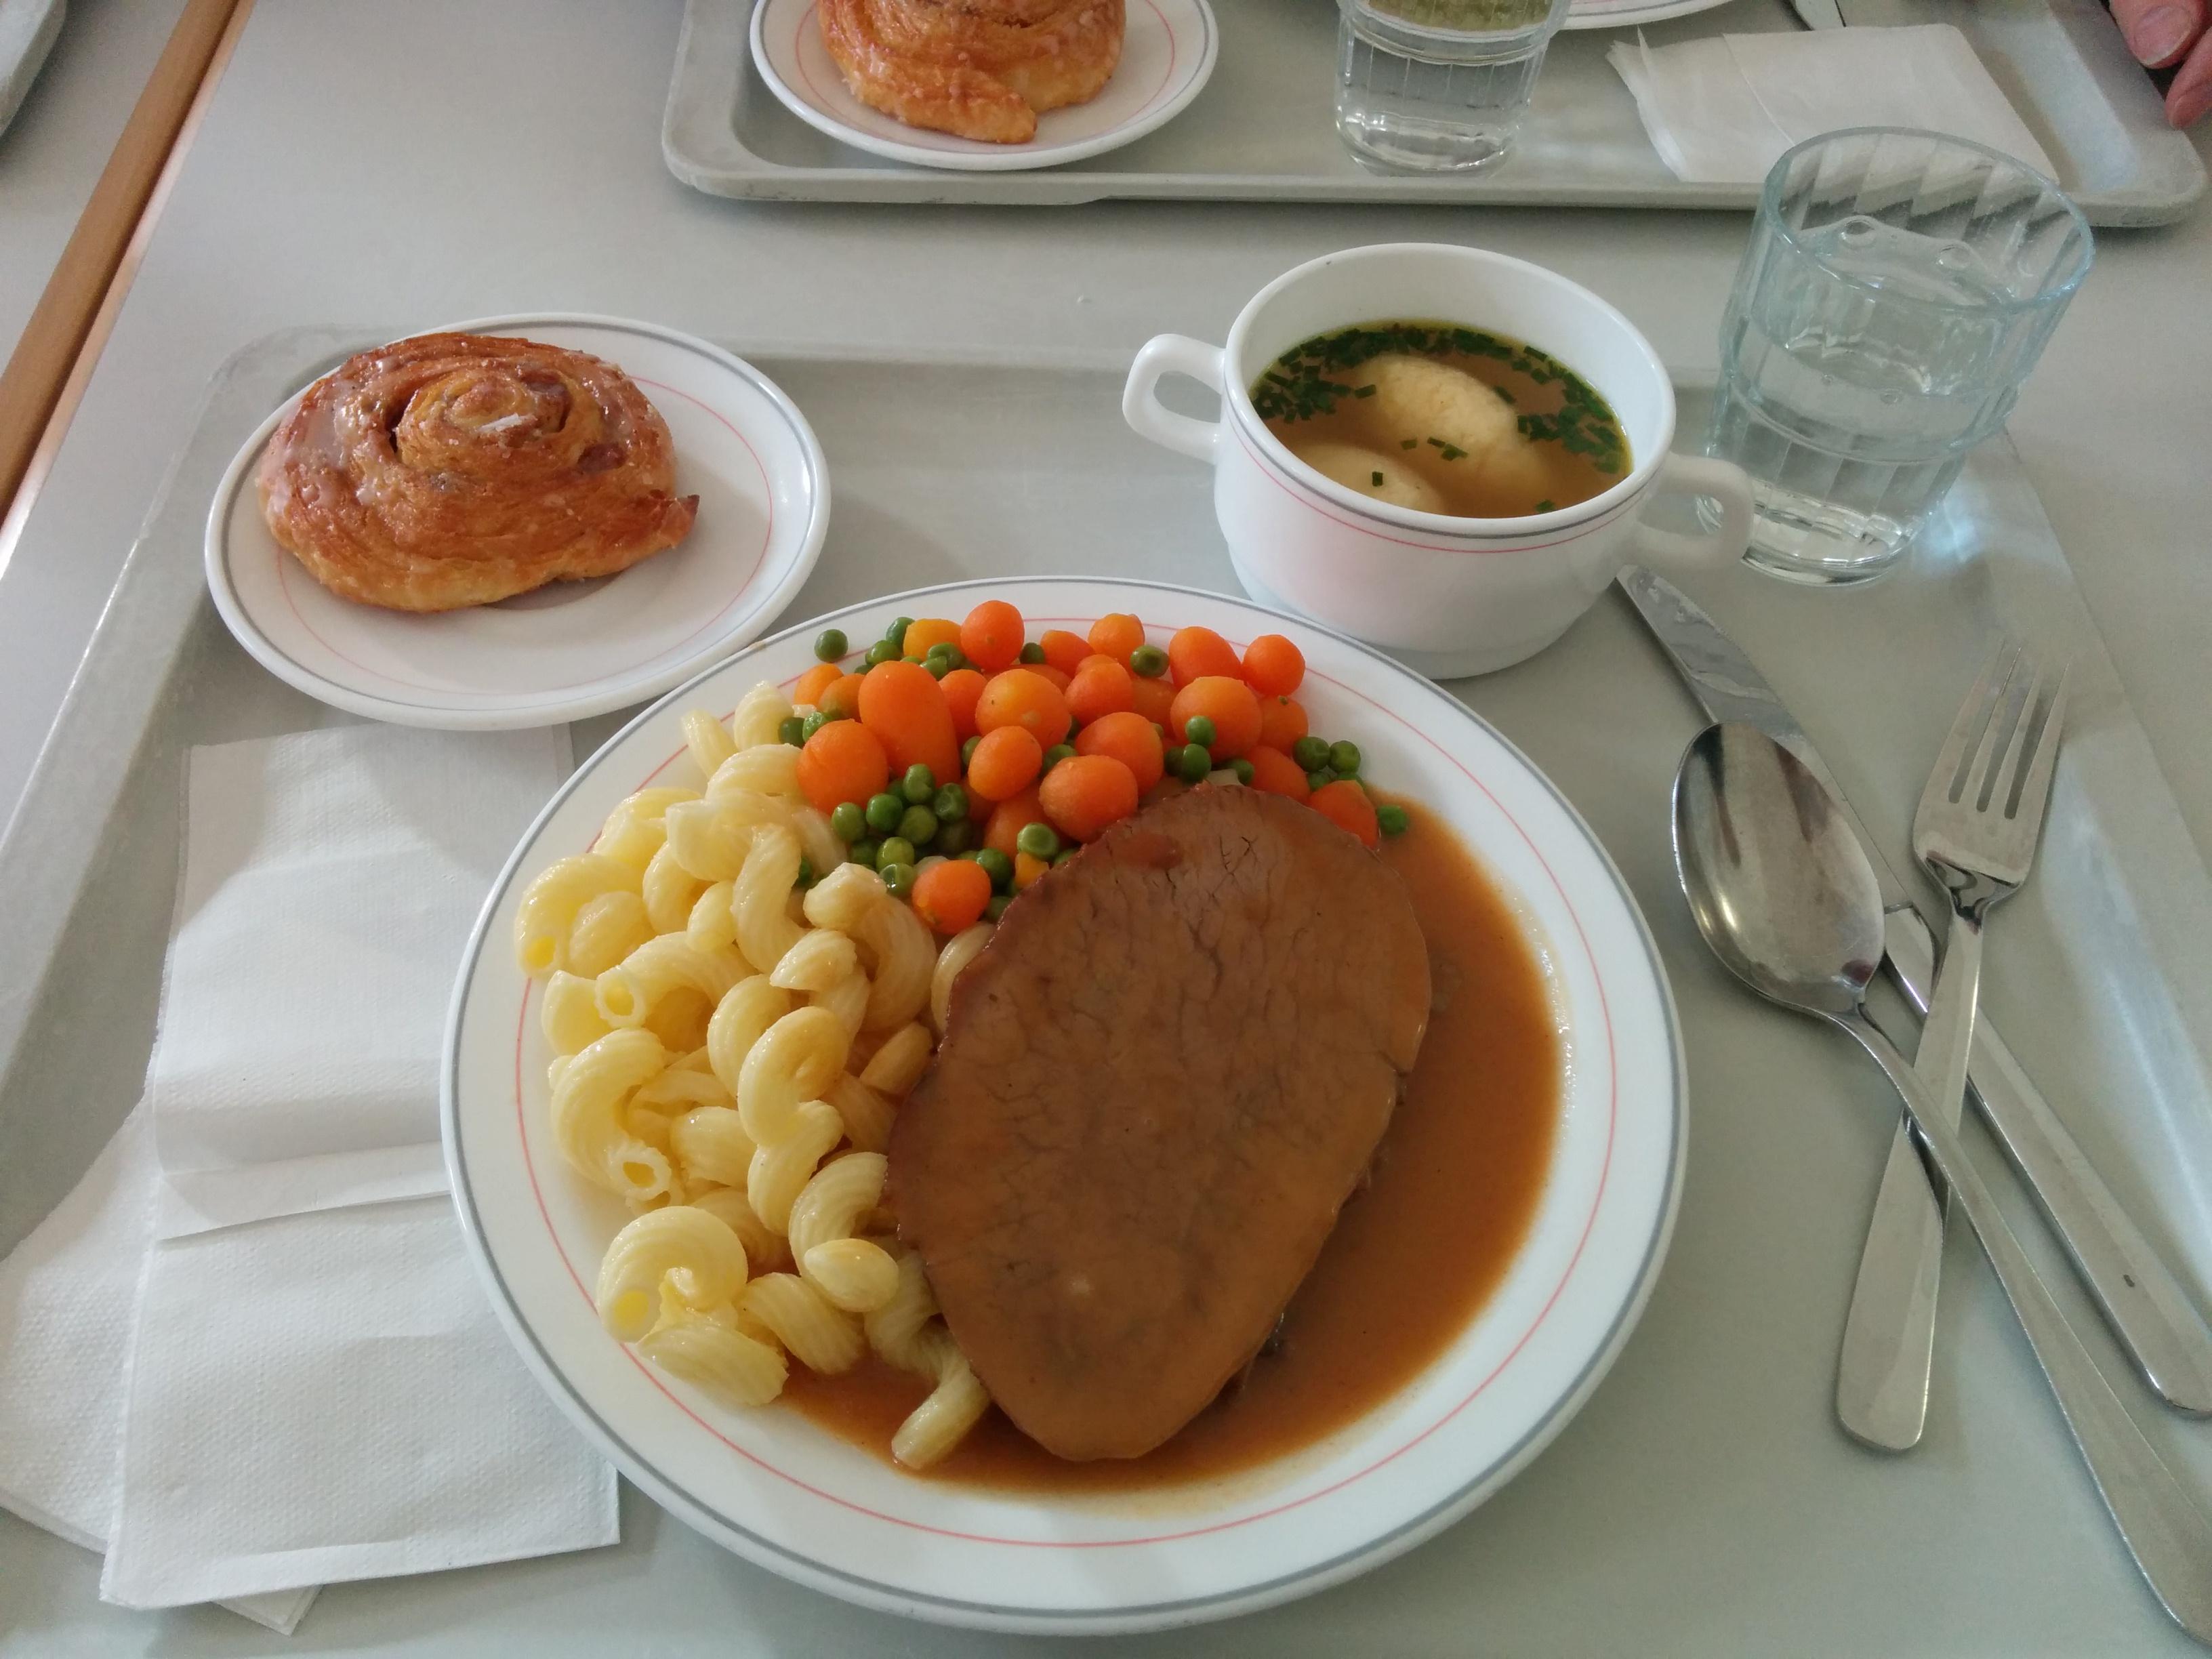 https://foodloader.net/nico_2013-12-05_sauerbraten-mit-nudeln-und-gemuese-mit-suppe-und-suessem-stueckchen.jpg